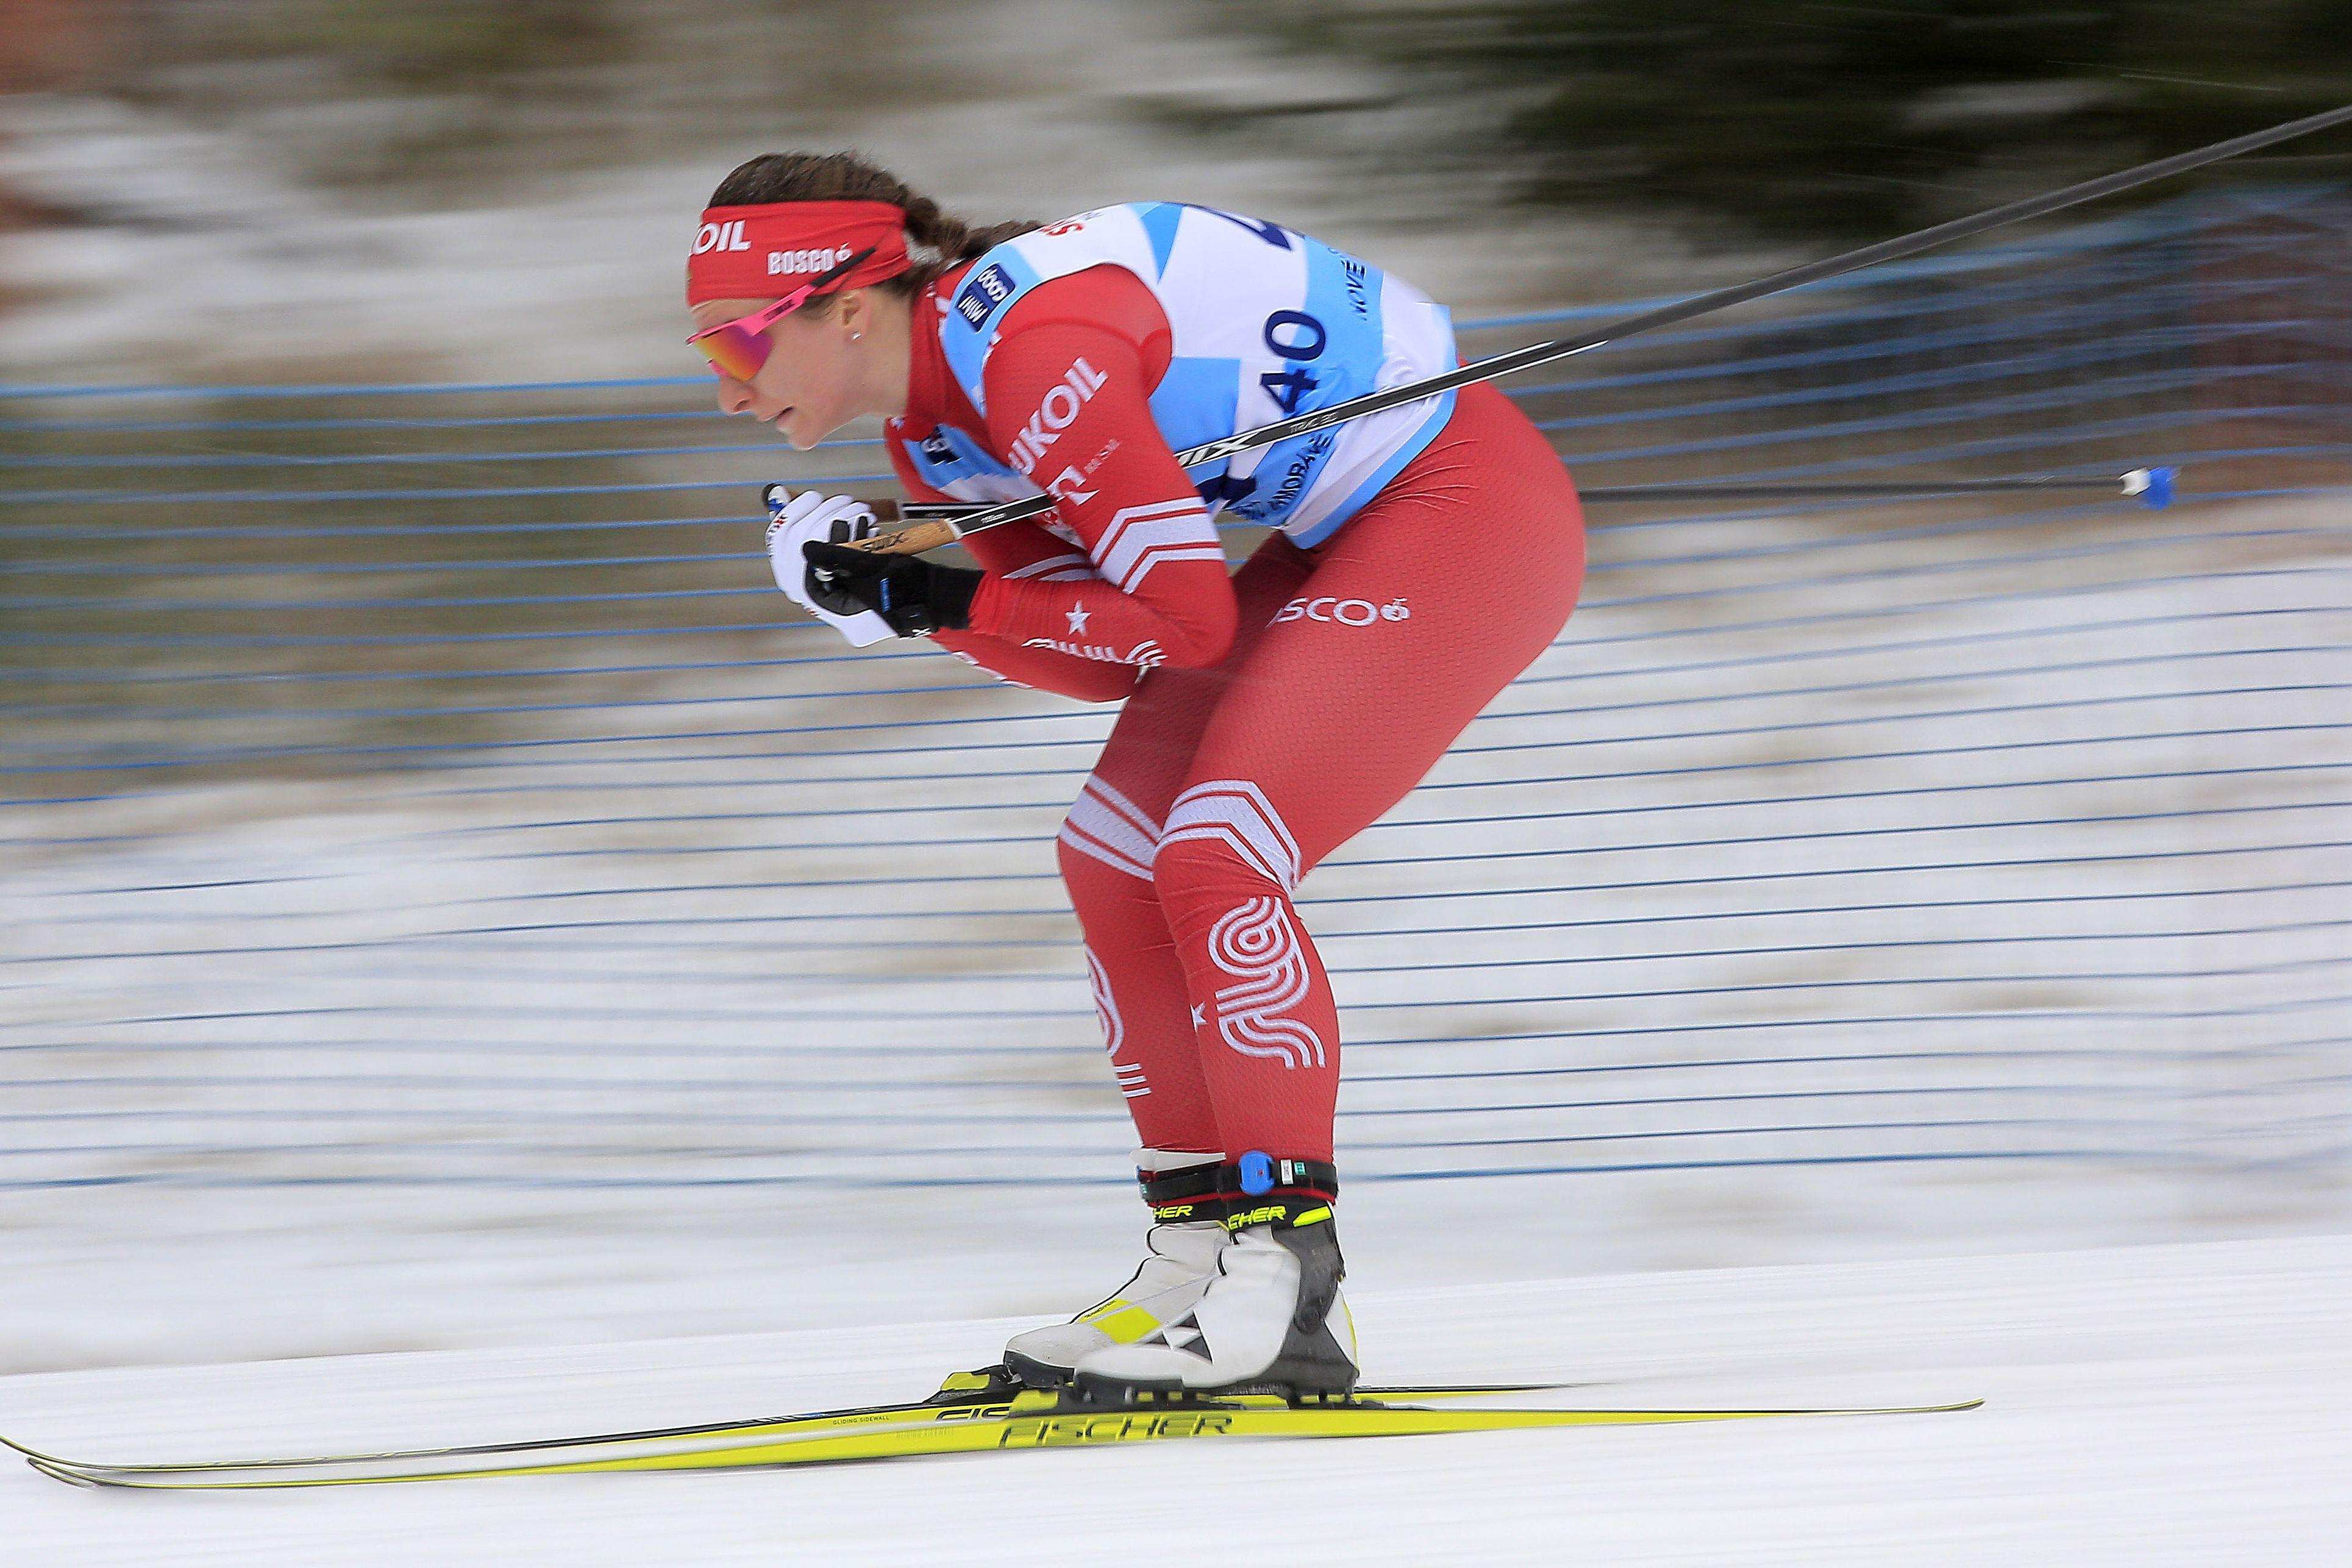 Состав женской сборной России на индивидуальную гонку на ЧМ-2021 в Оберстдорфе